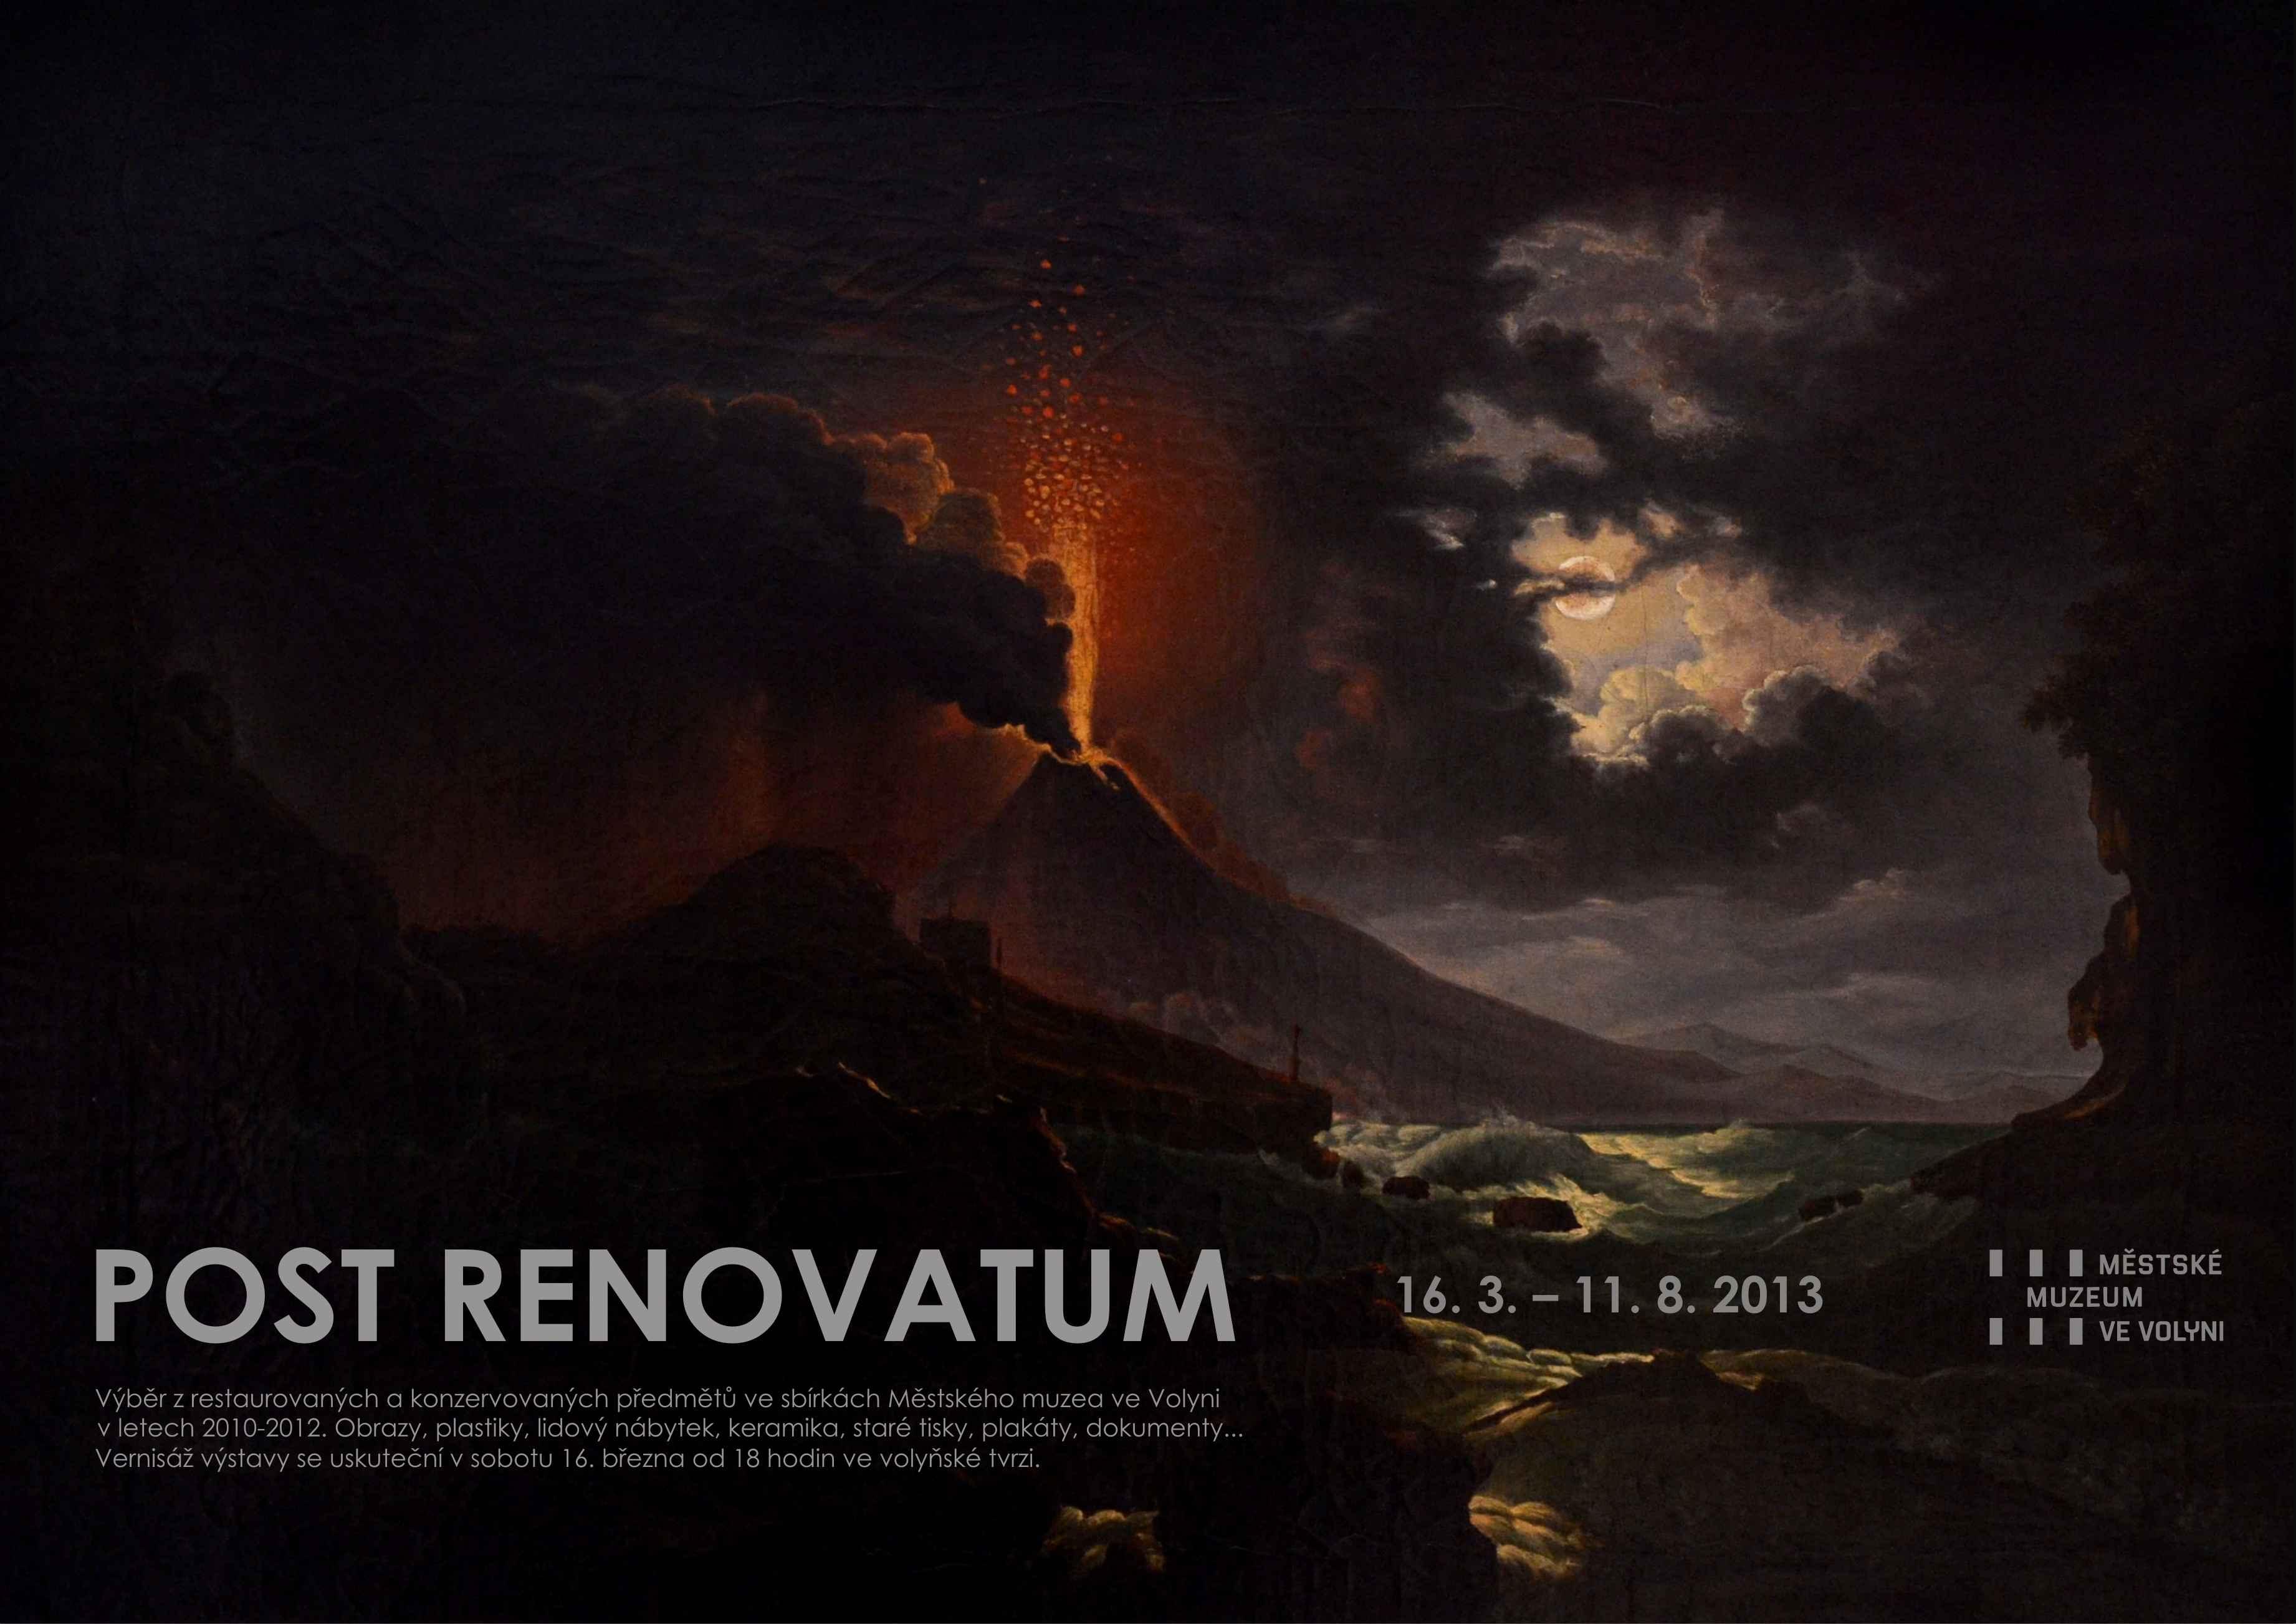 Sobotní vernisáž restaurátorské výstavy Post renovatum